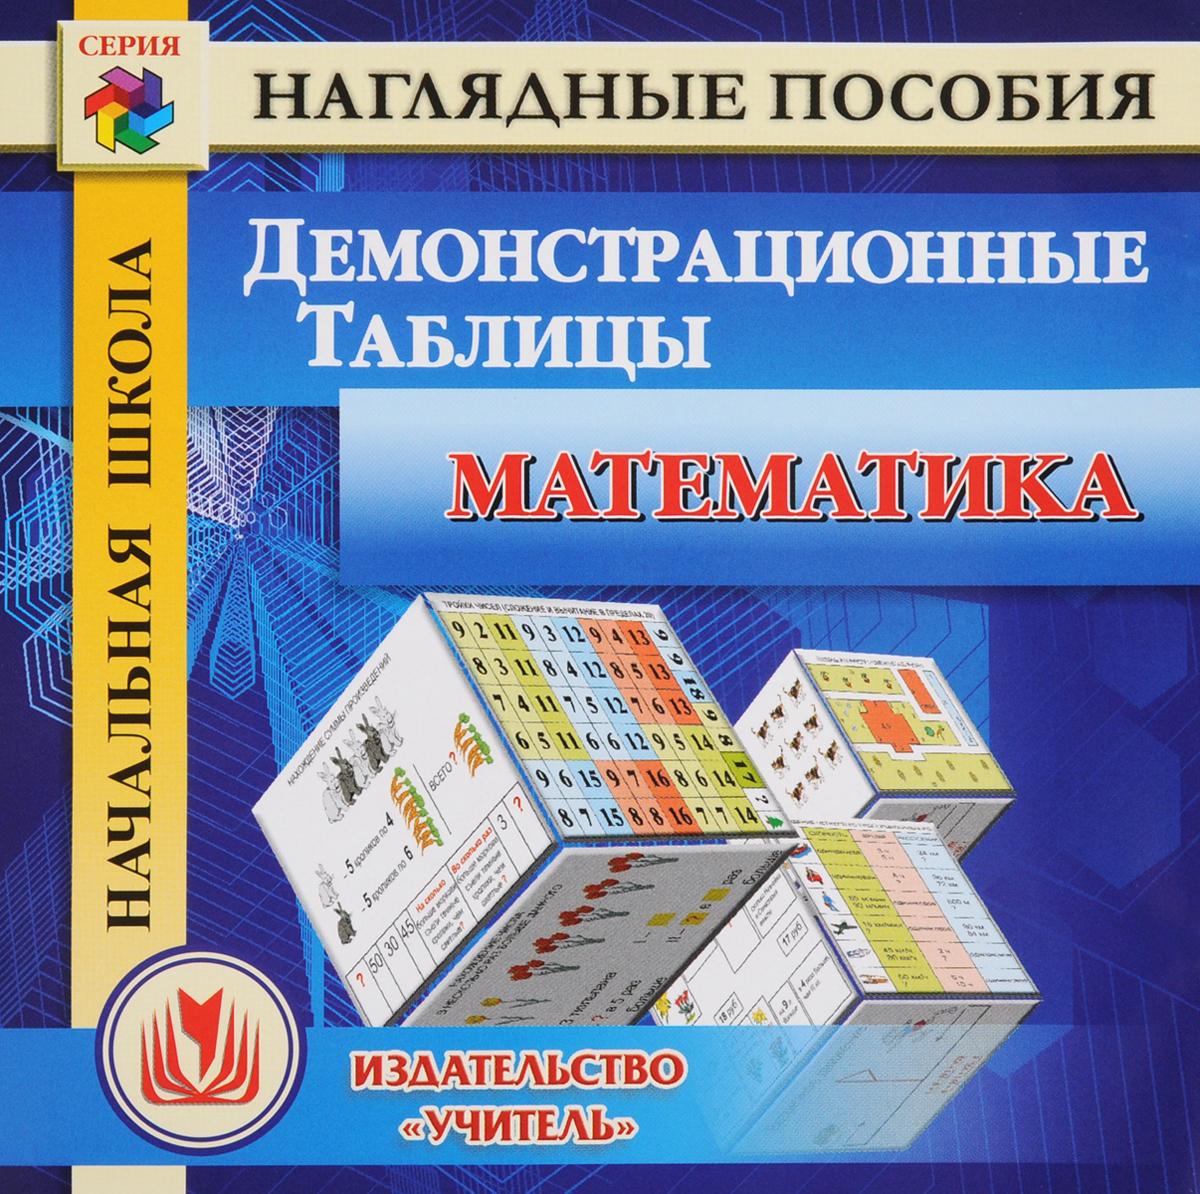 Начальная школа. Математика. Демонстрационные таблицы